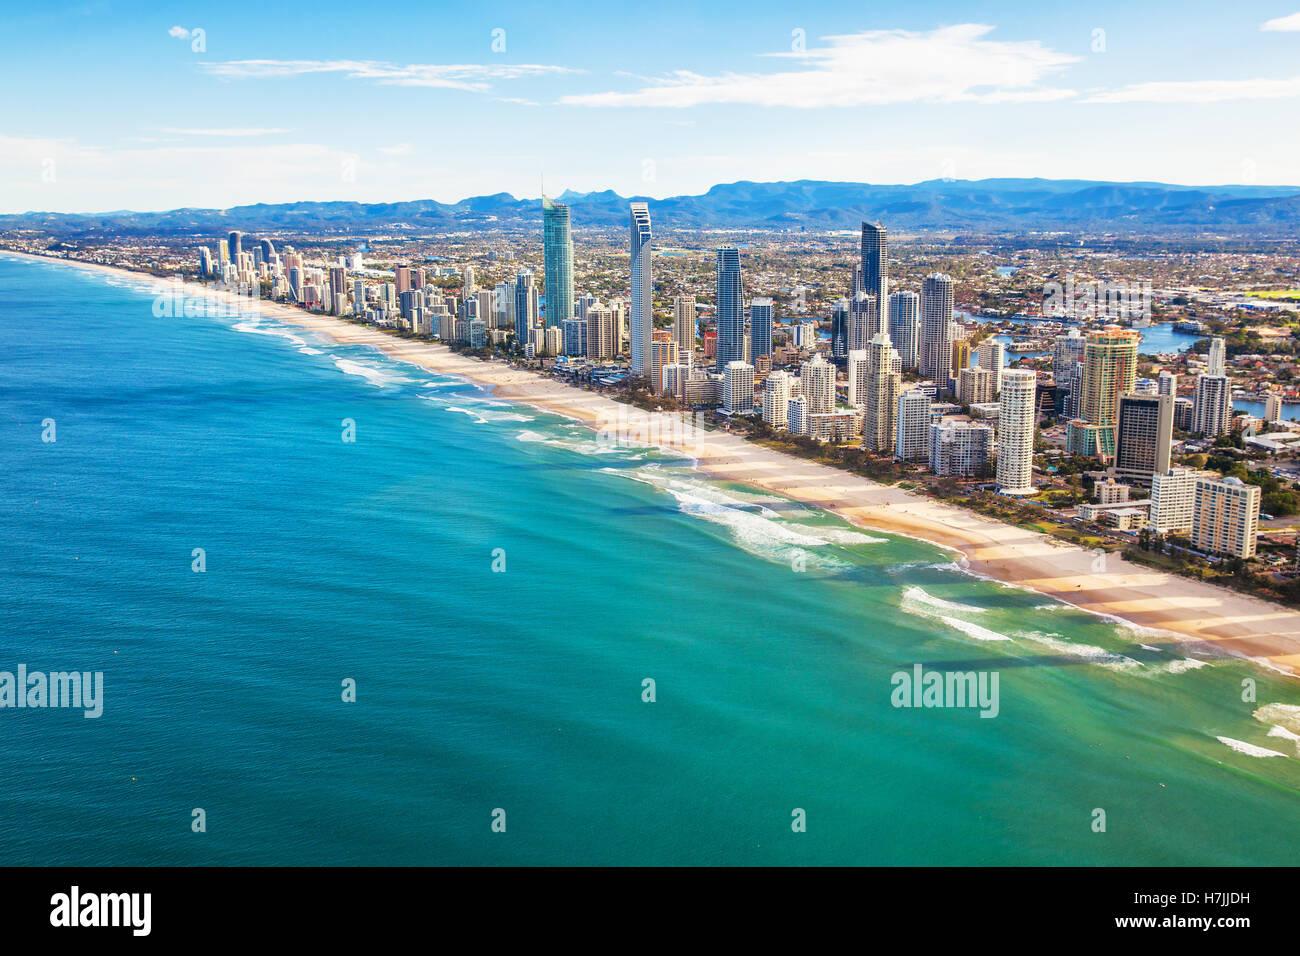 Vue aérienne de Surfers Paradise sur la Gold Coast, Queensland, Australie Photo Stock